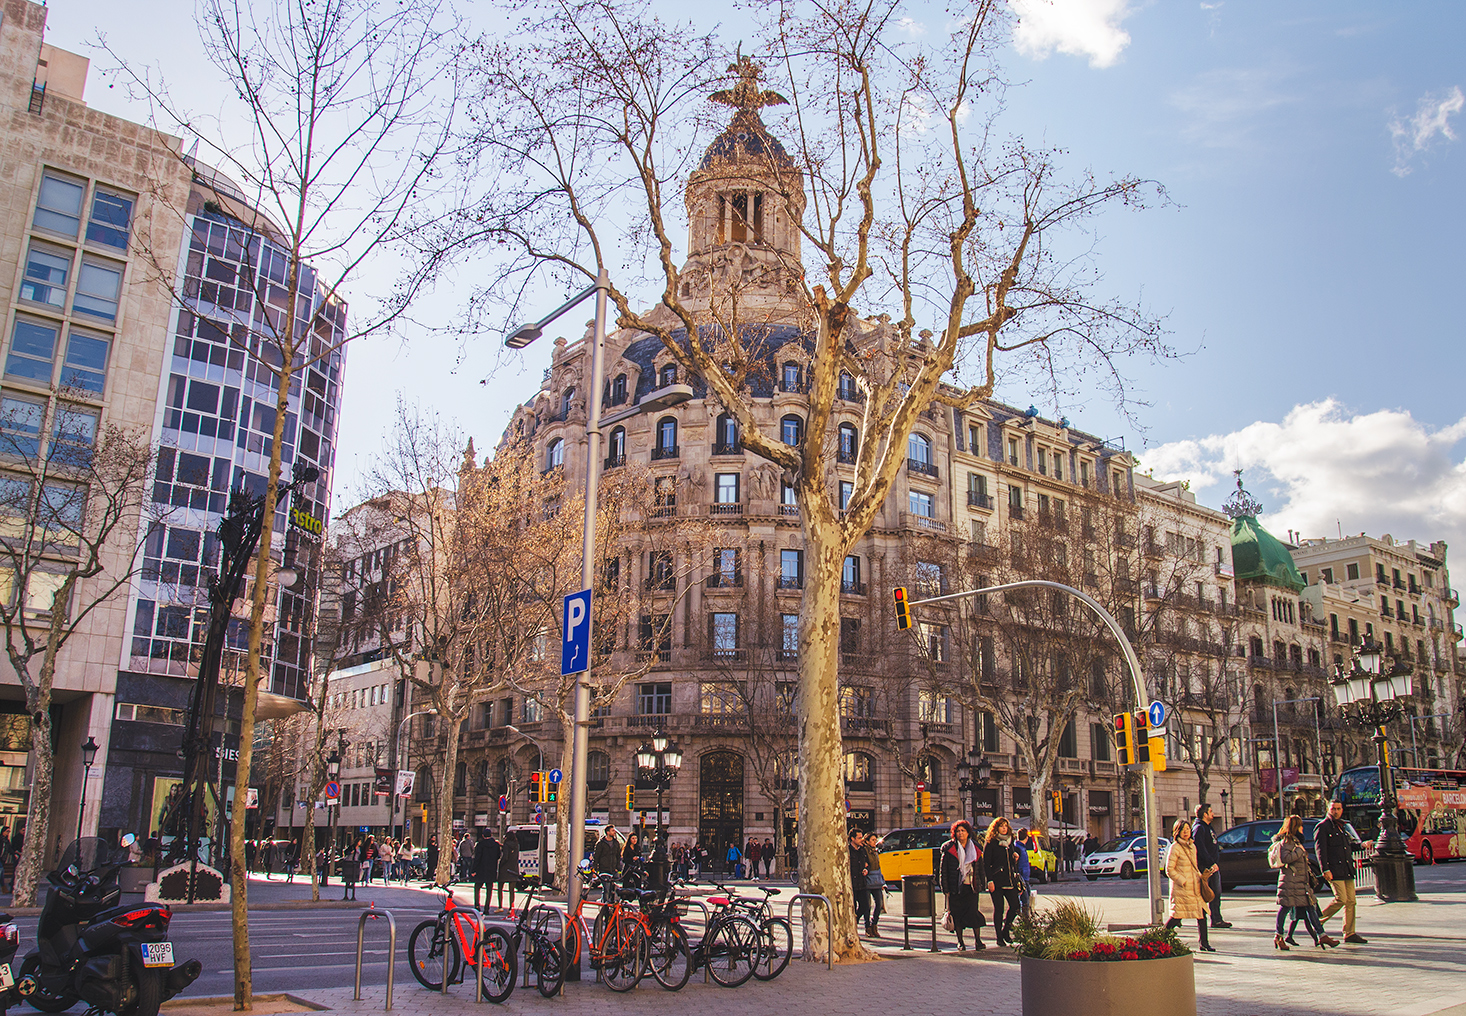 путешествие барселону отзывы, самостоятельное путешествие барселону отзывы, отпуск в барселоне, архитектура гауди барселоне испания, барселона стиль архитектуры